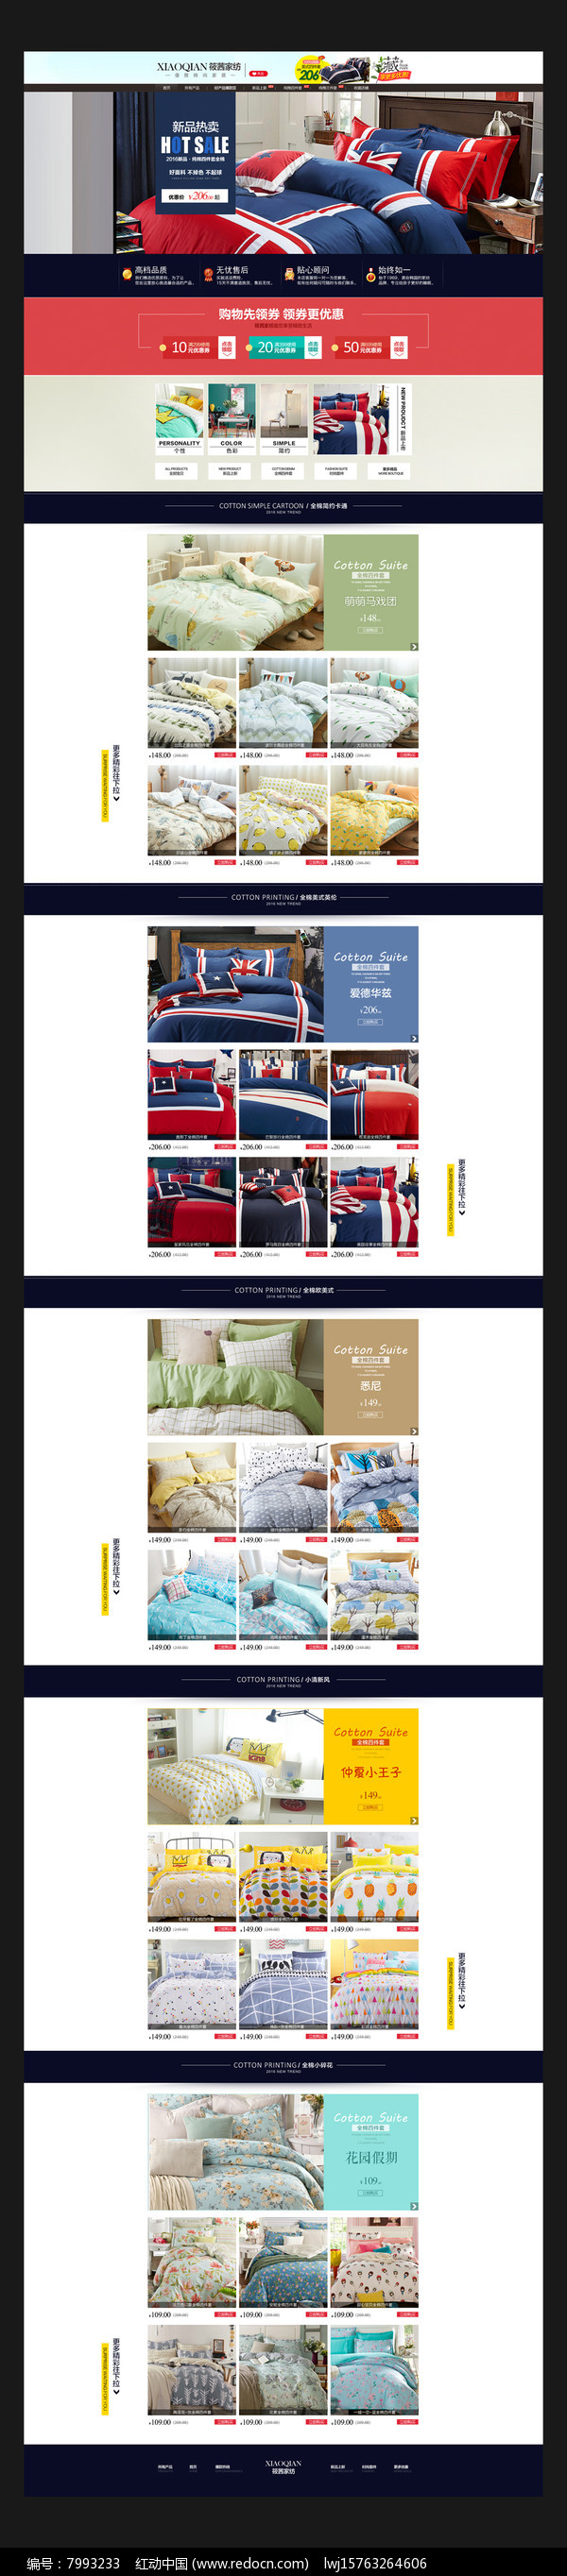 床上用品四件套家纺首页图片